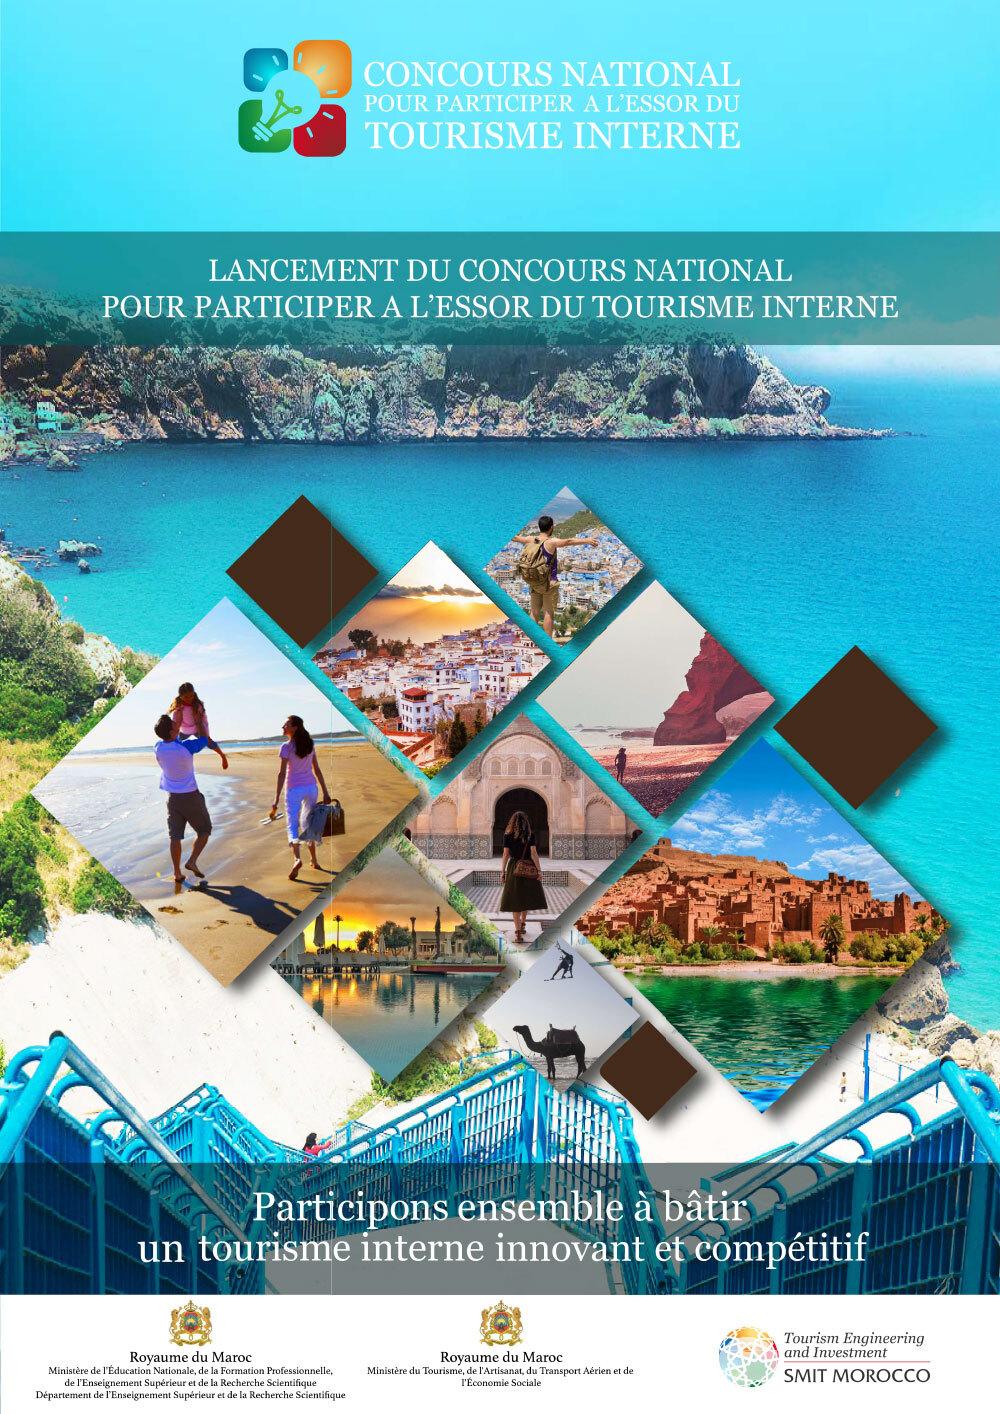 Concours National pour participer à l'essor du Tourisme Interne